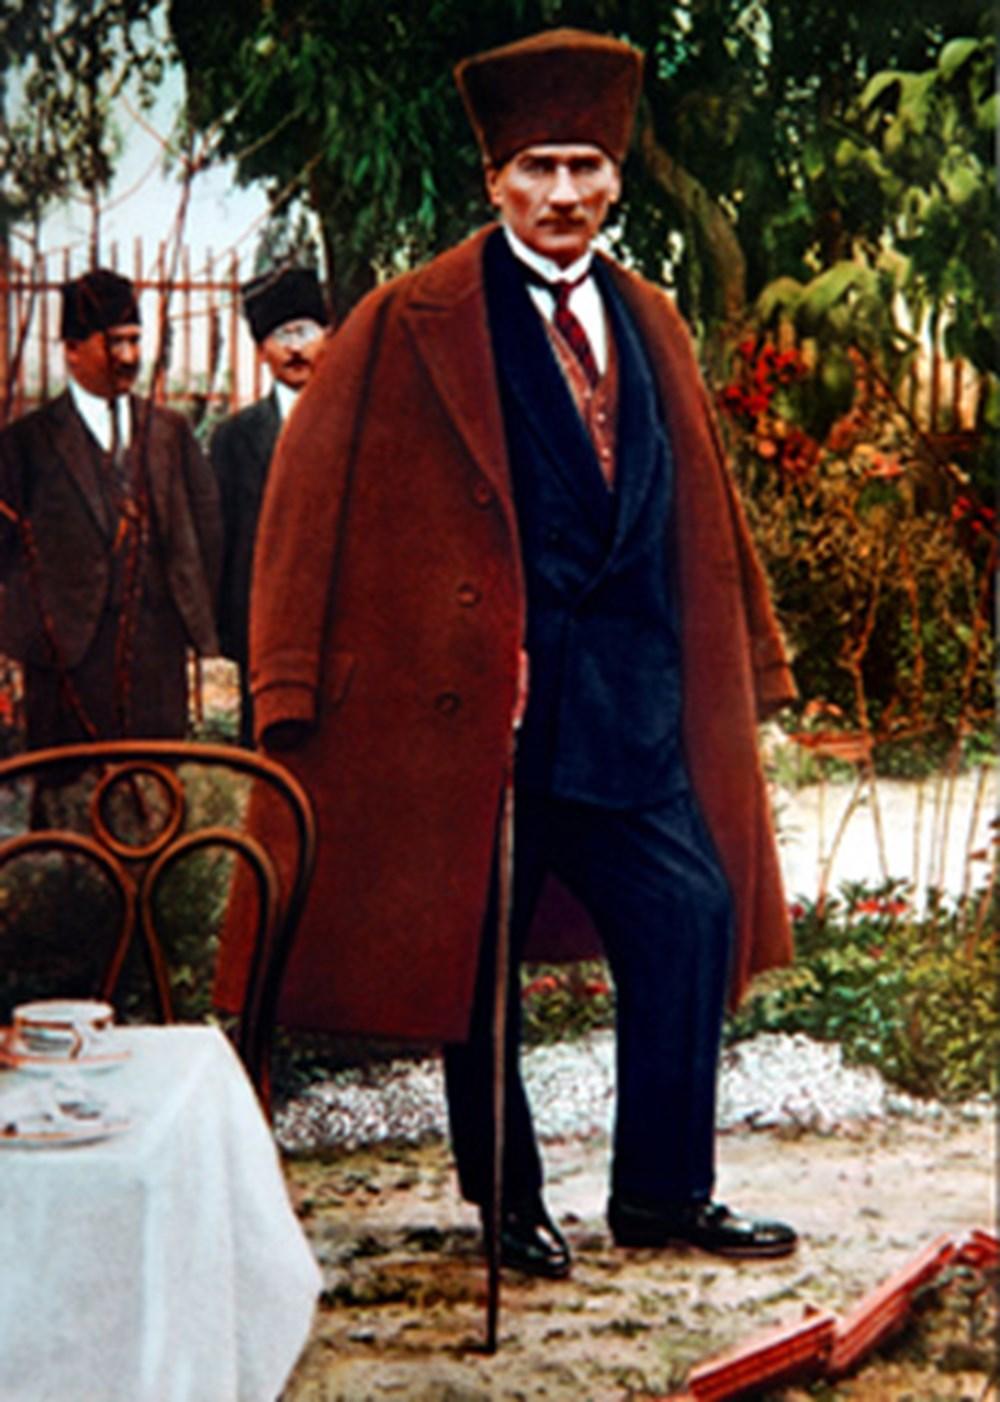 Genelkurmay'dan renkli Atatürk fotoğrafları | NTV